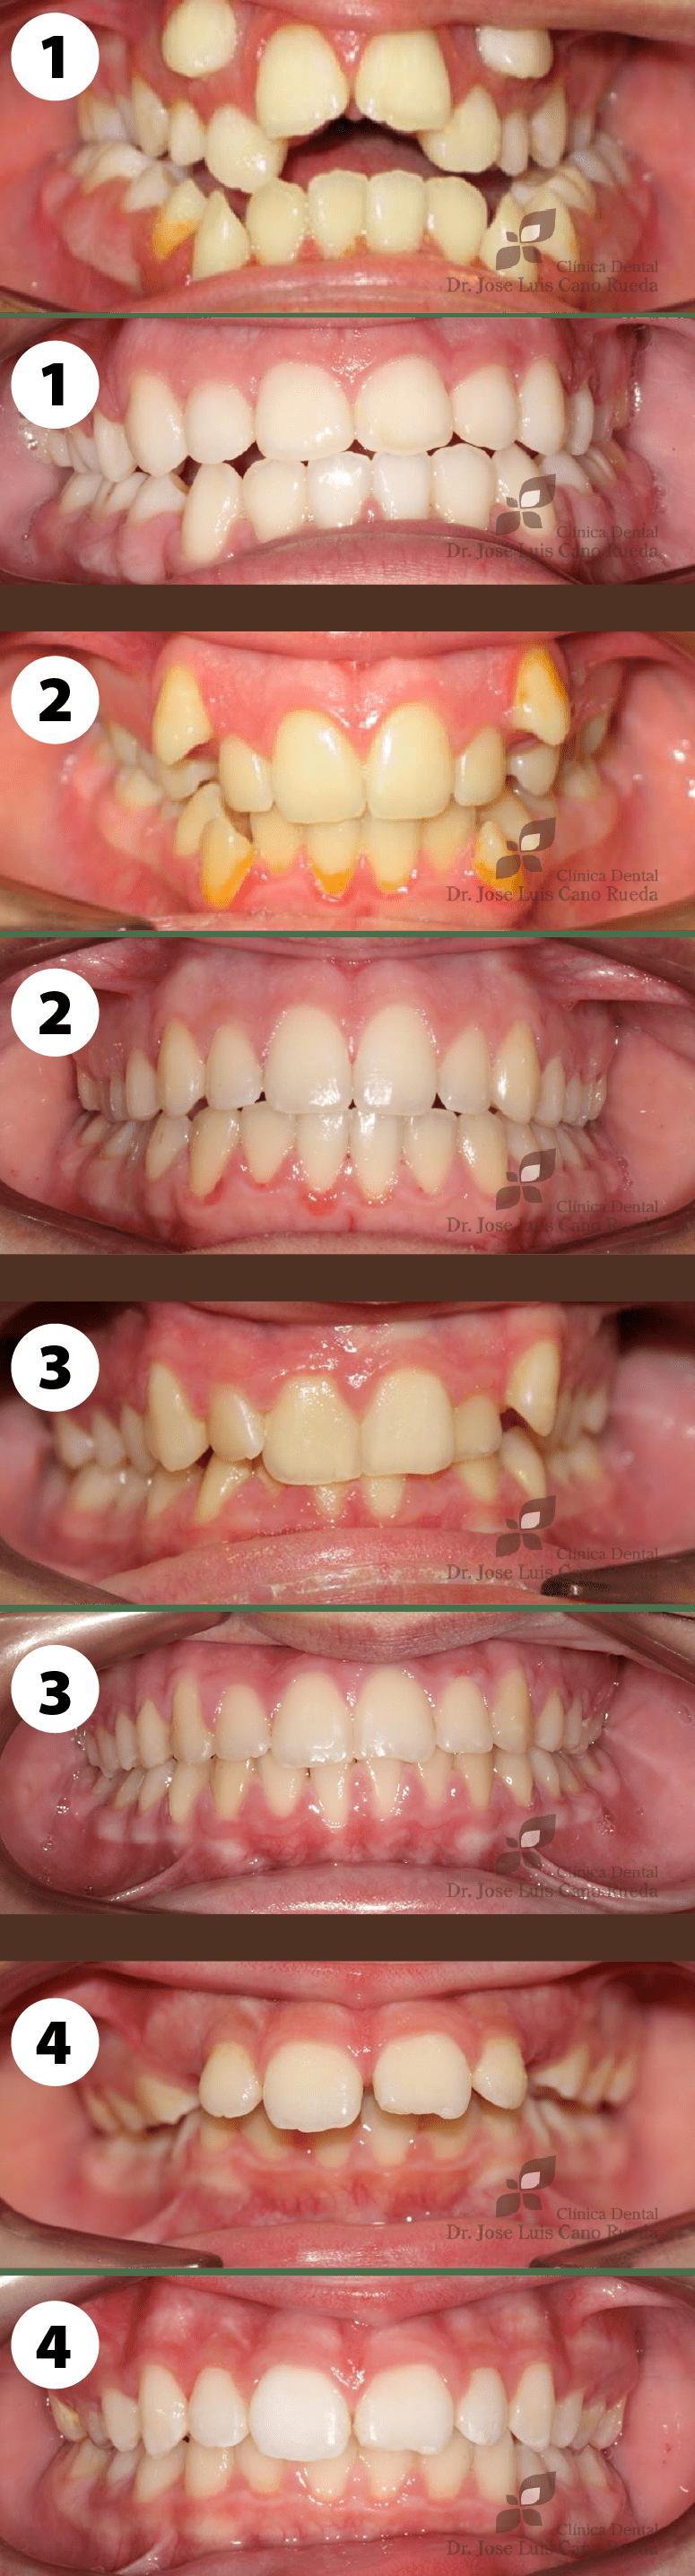 casos de ortodoncia en clinica dental murcia